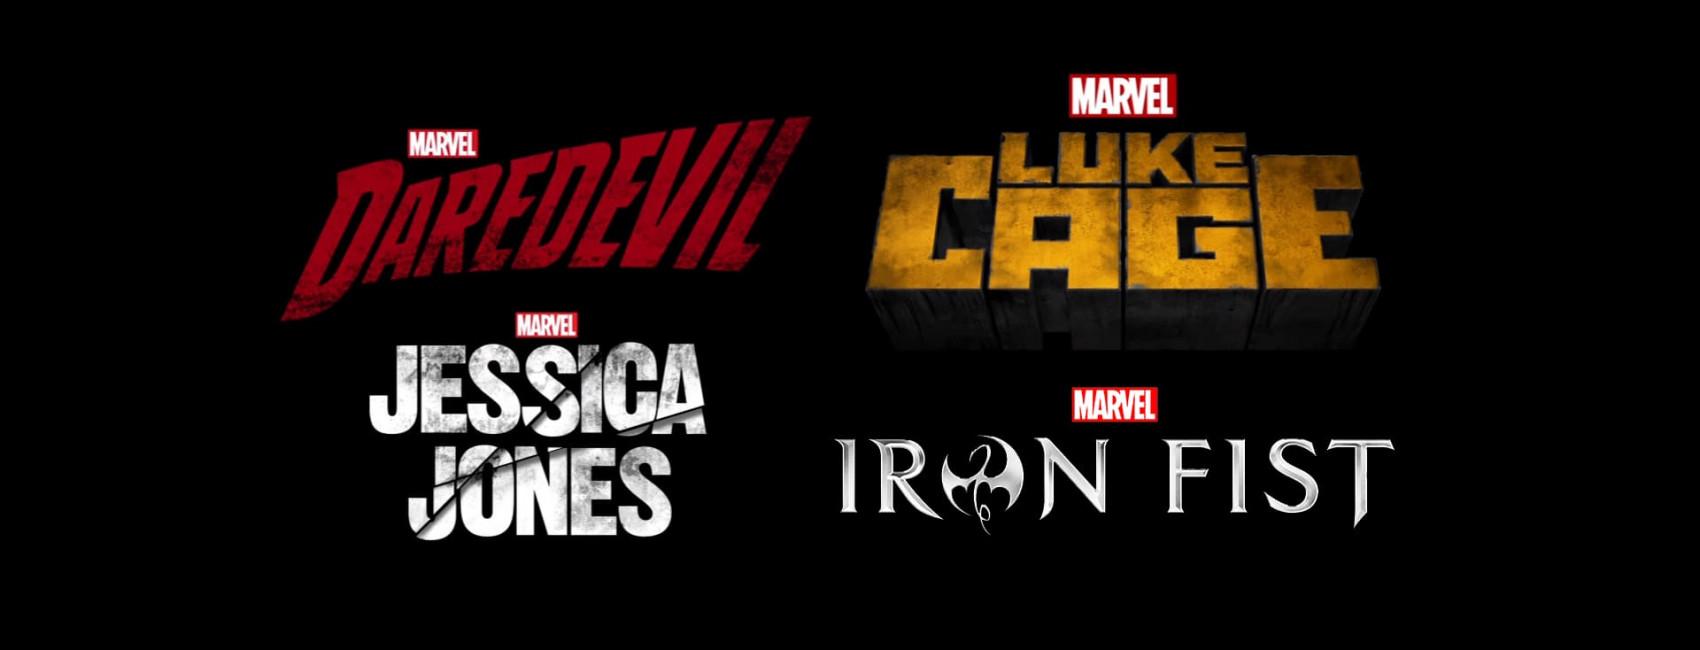 Le 5 cose che potresti voler sapere degli eroi Marvel su Netflix 1